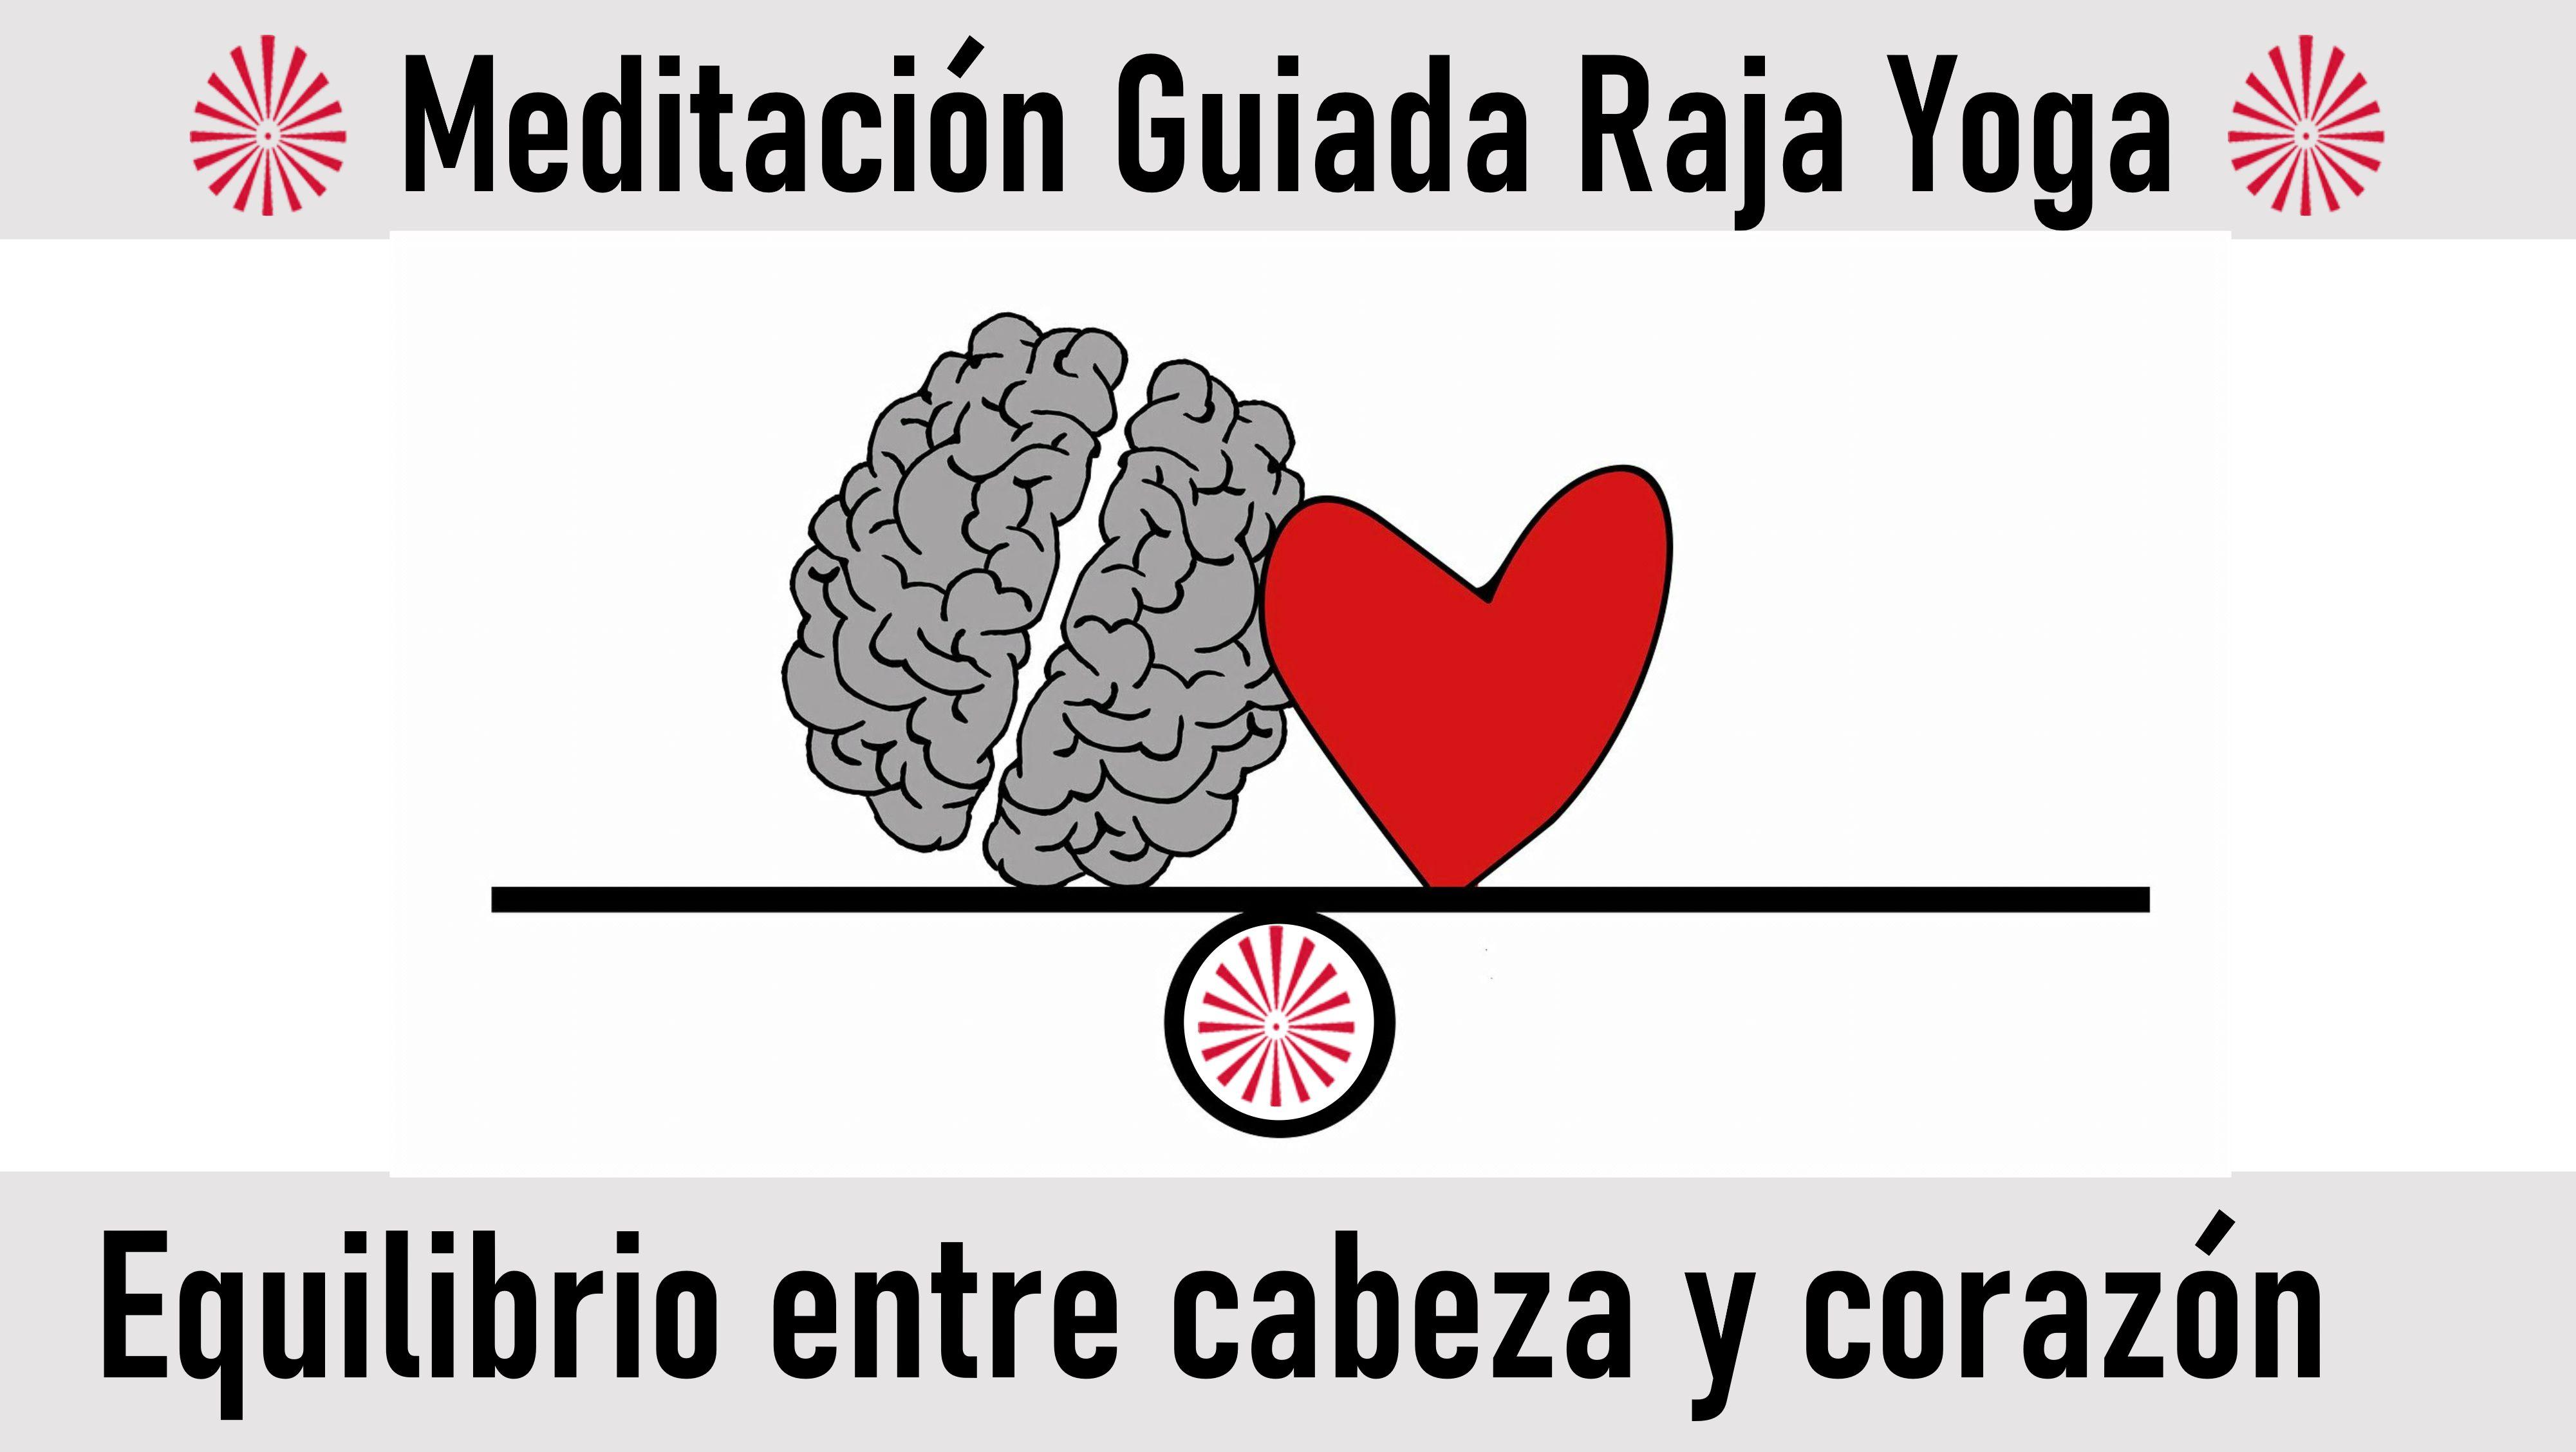 Meditación Raja Yoga: Equilibrio entre cabeza y corazón (27 Julio 2020) On-line desde Madrid